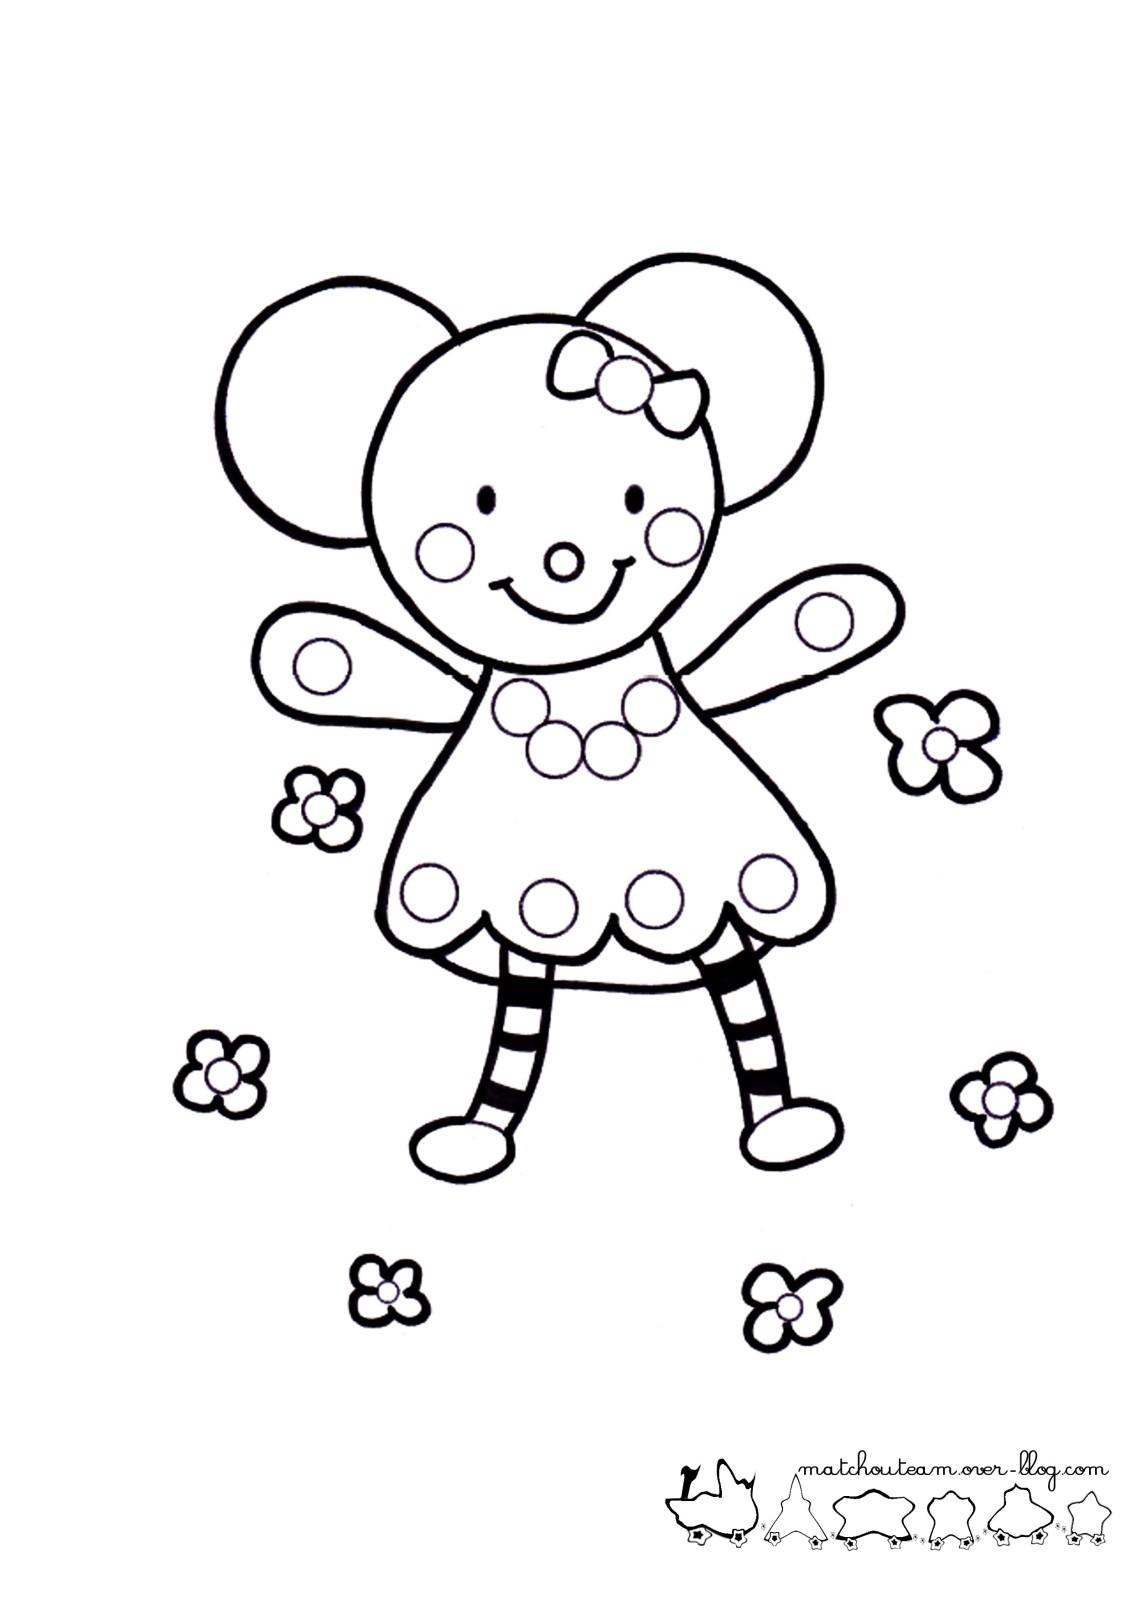 24 dessins de coloriage souris imprimer - Dessin de petite souris ...